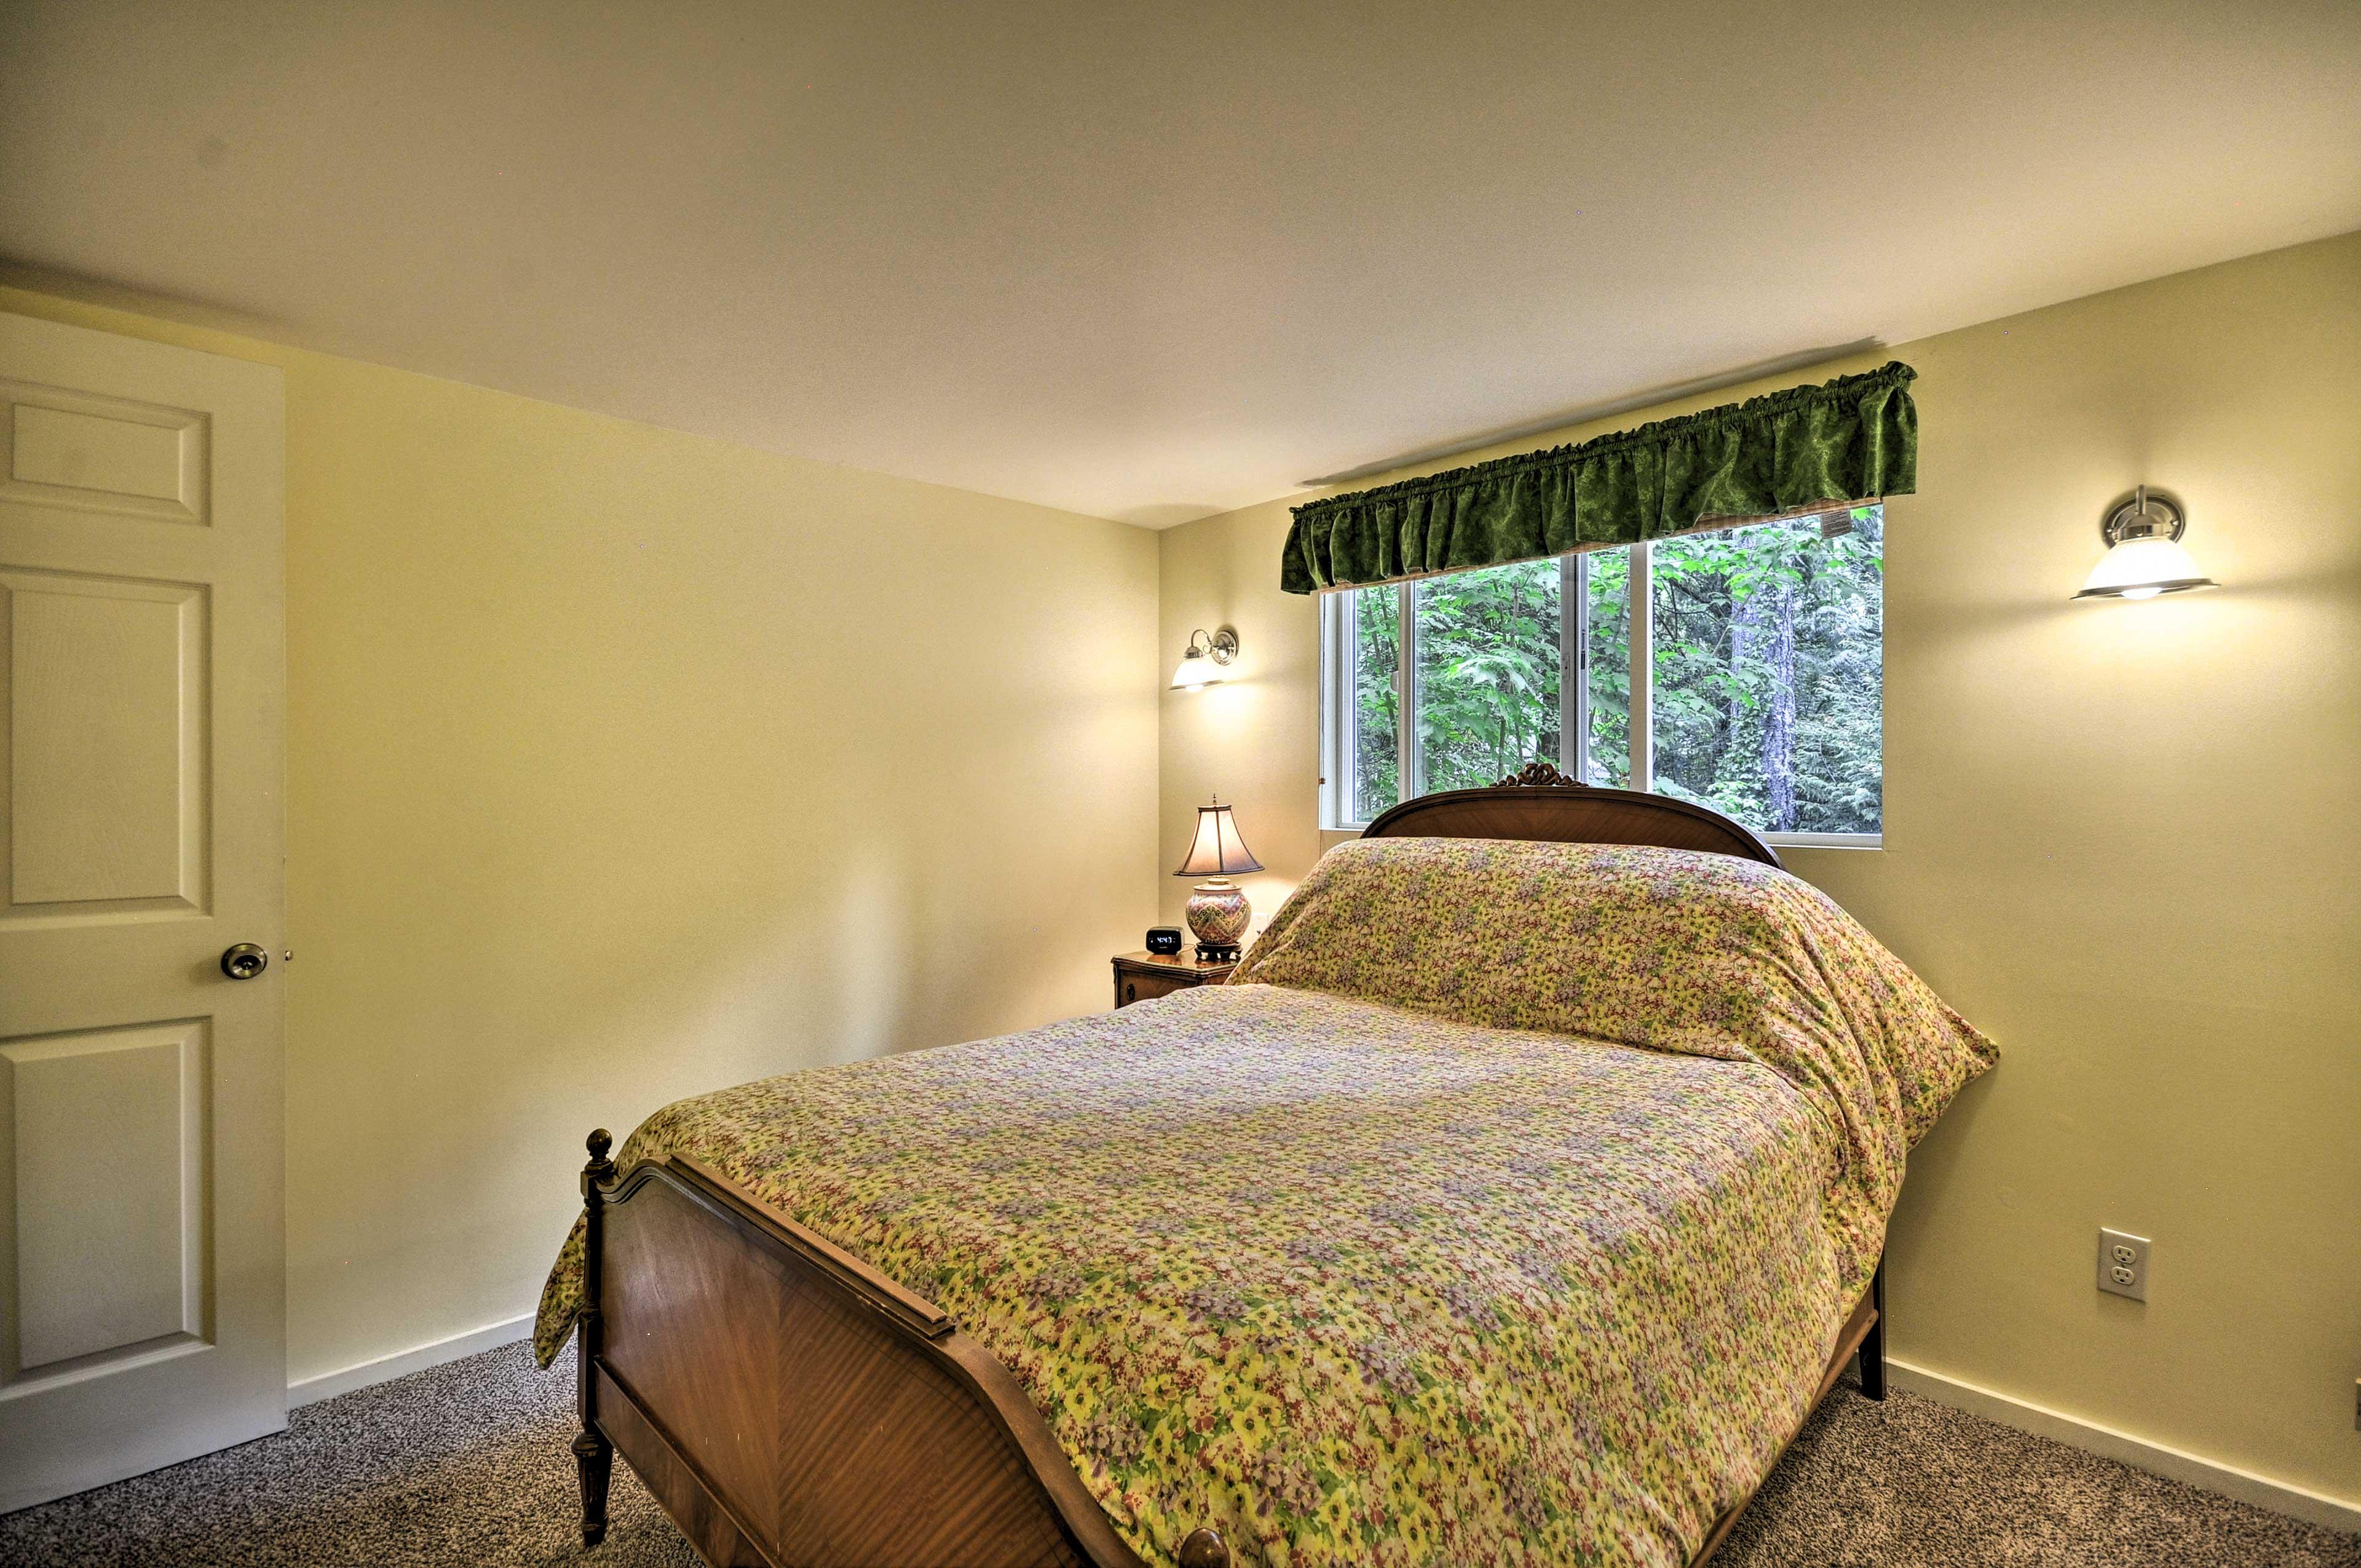 Bedroom 1 | Queen Bed | Foldable Cot